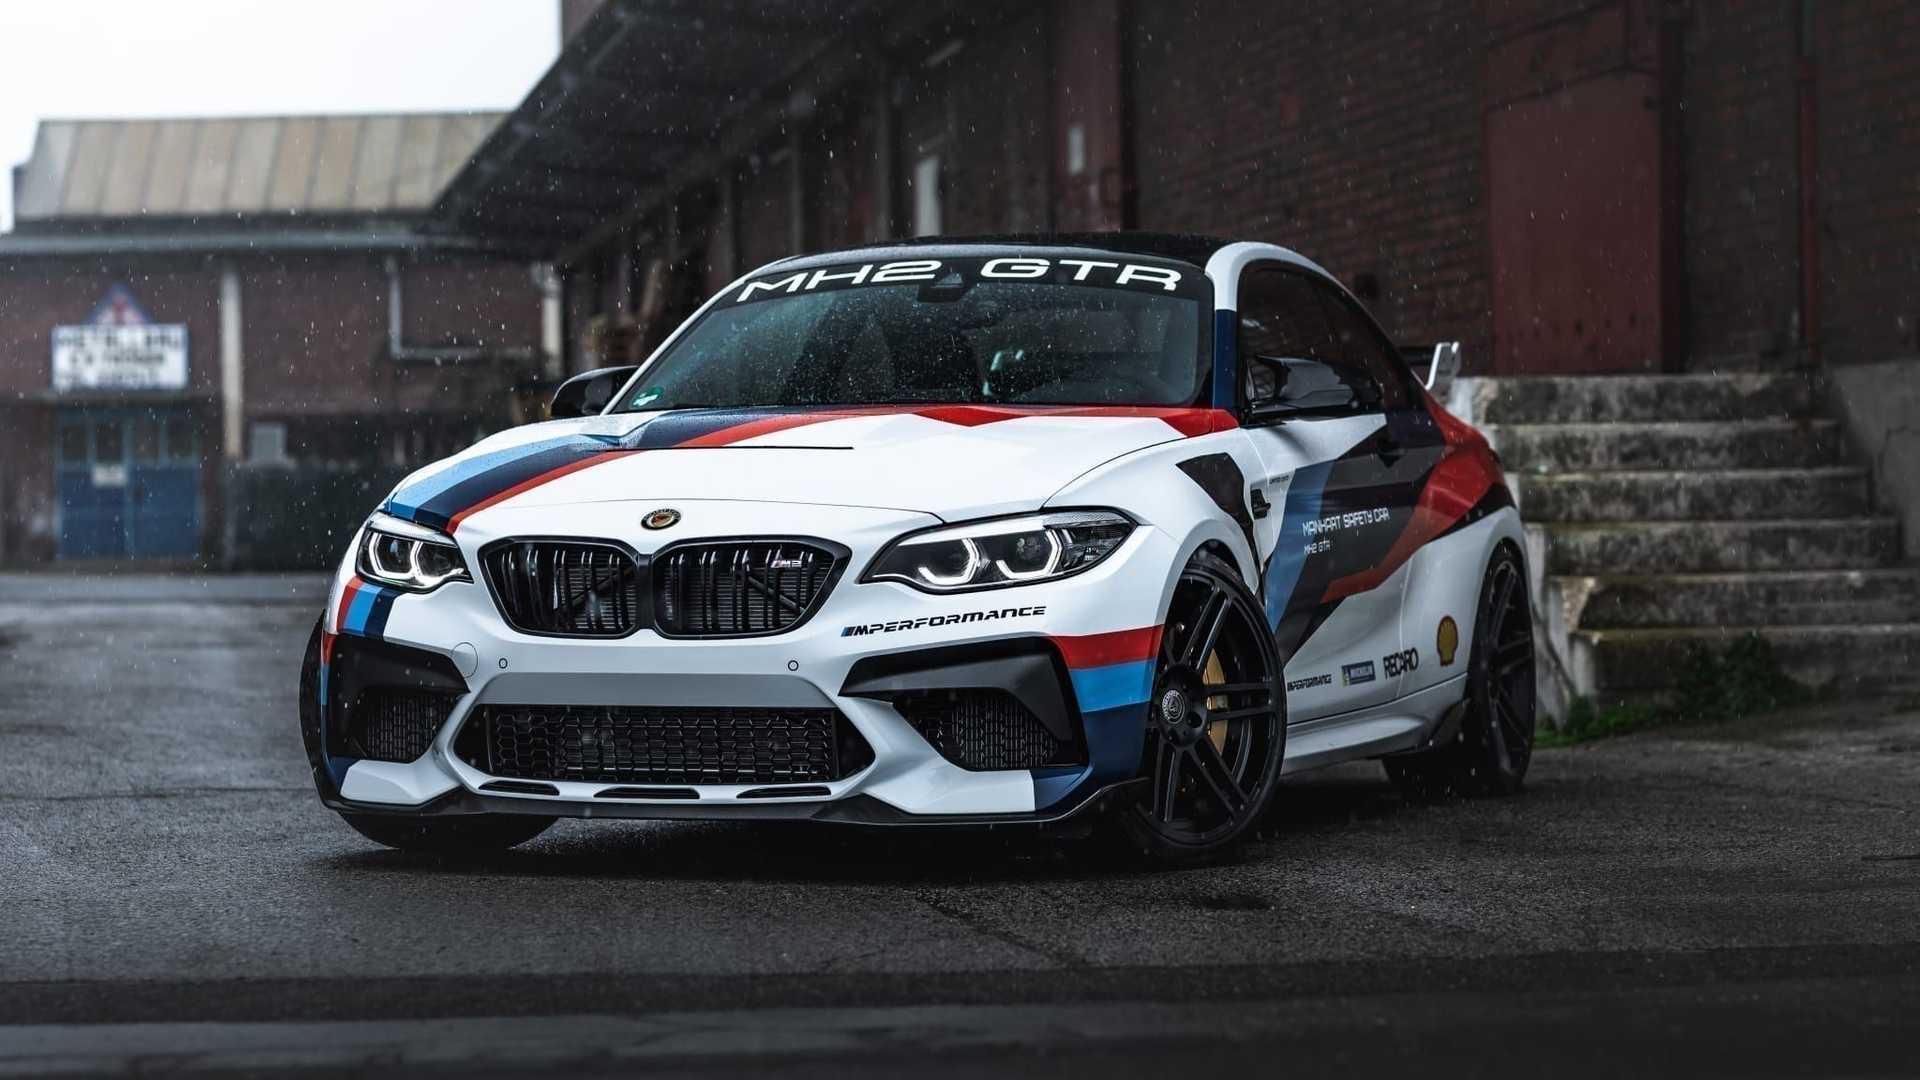 Буквально сегодня мы писали о ведущем Top Gear Крисе Харрисе, который отказался покупать топовый BMW M2 CS, потому что его полностью устроила «подогретая» версия Competition. Не секрет, что его мнение разделяют далеко не все автолюбители. Для истинных фанатов скорости команда Manhart приготовила подарок.